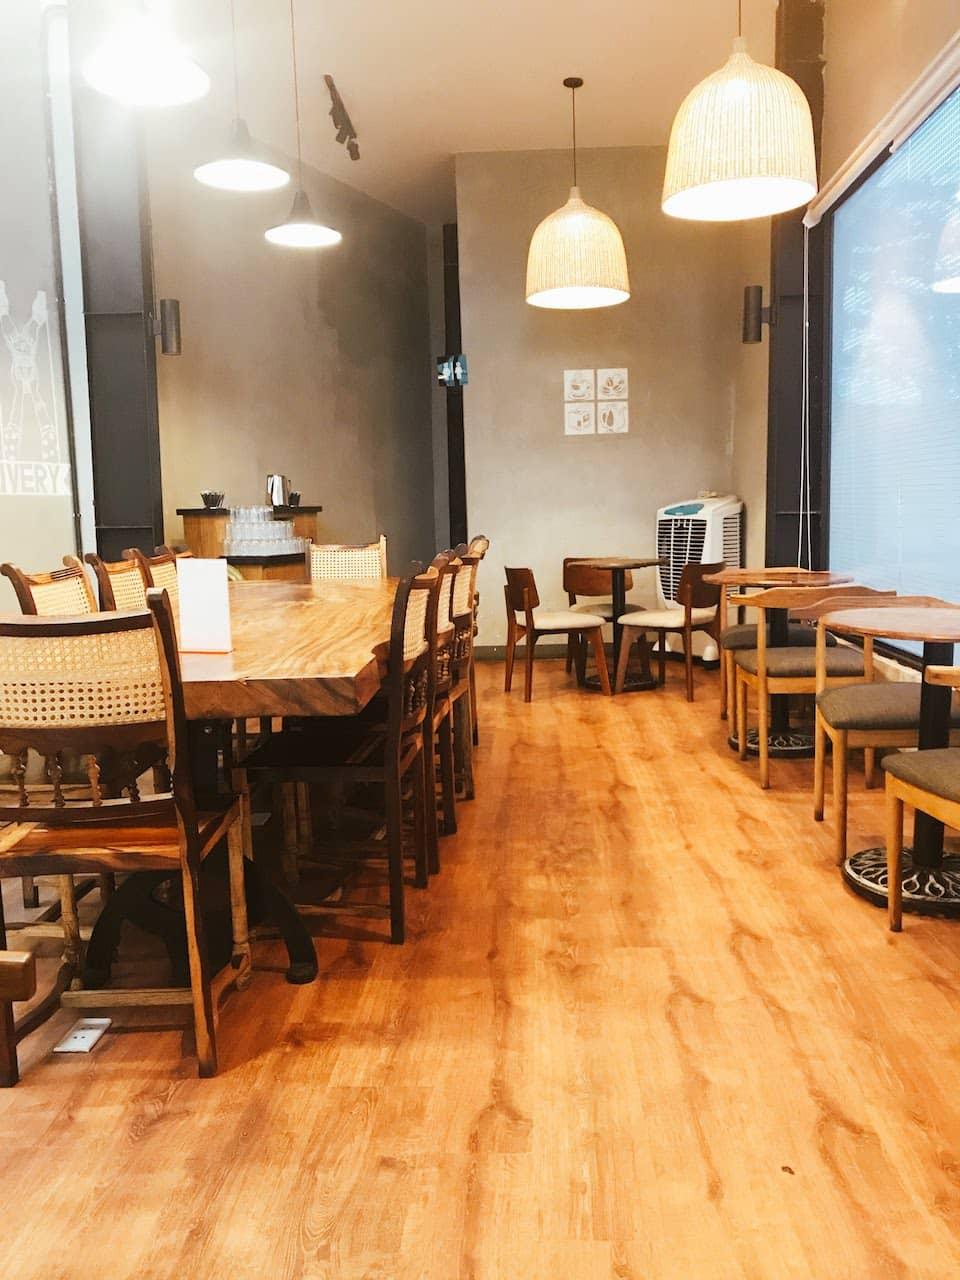 [Đà Nẵng] Đánh Giá The Coffee House - Nguyễn Văn Linh, Đà Nẵng